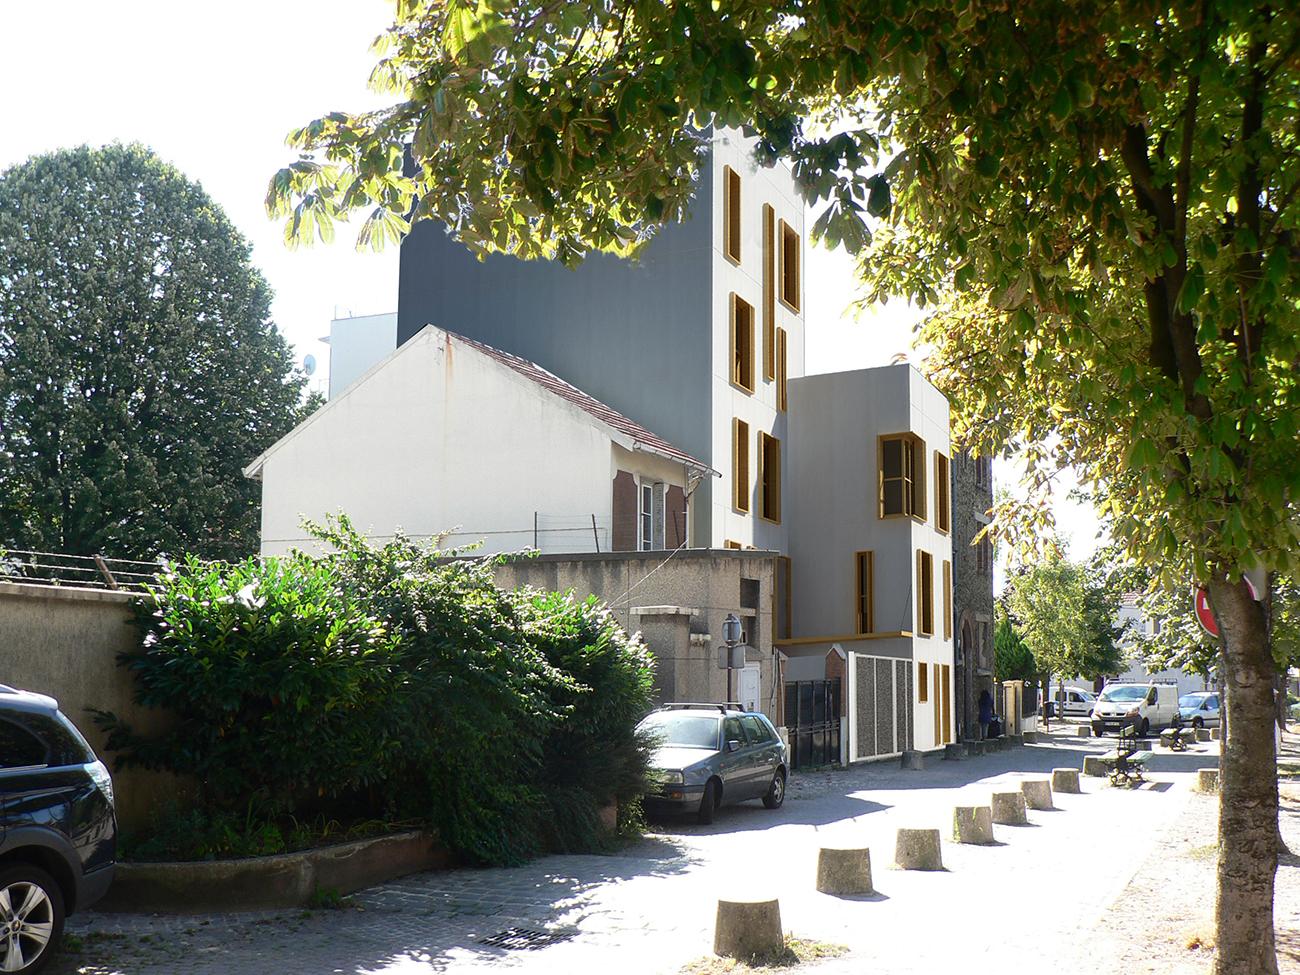 olivier-stadler-collectifs-montreuil (5)